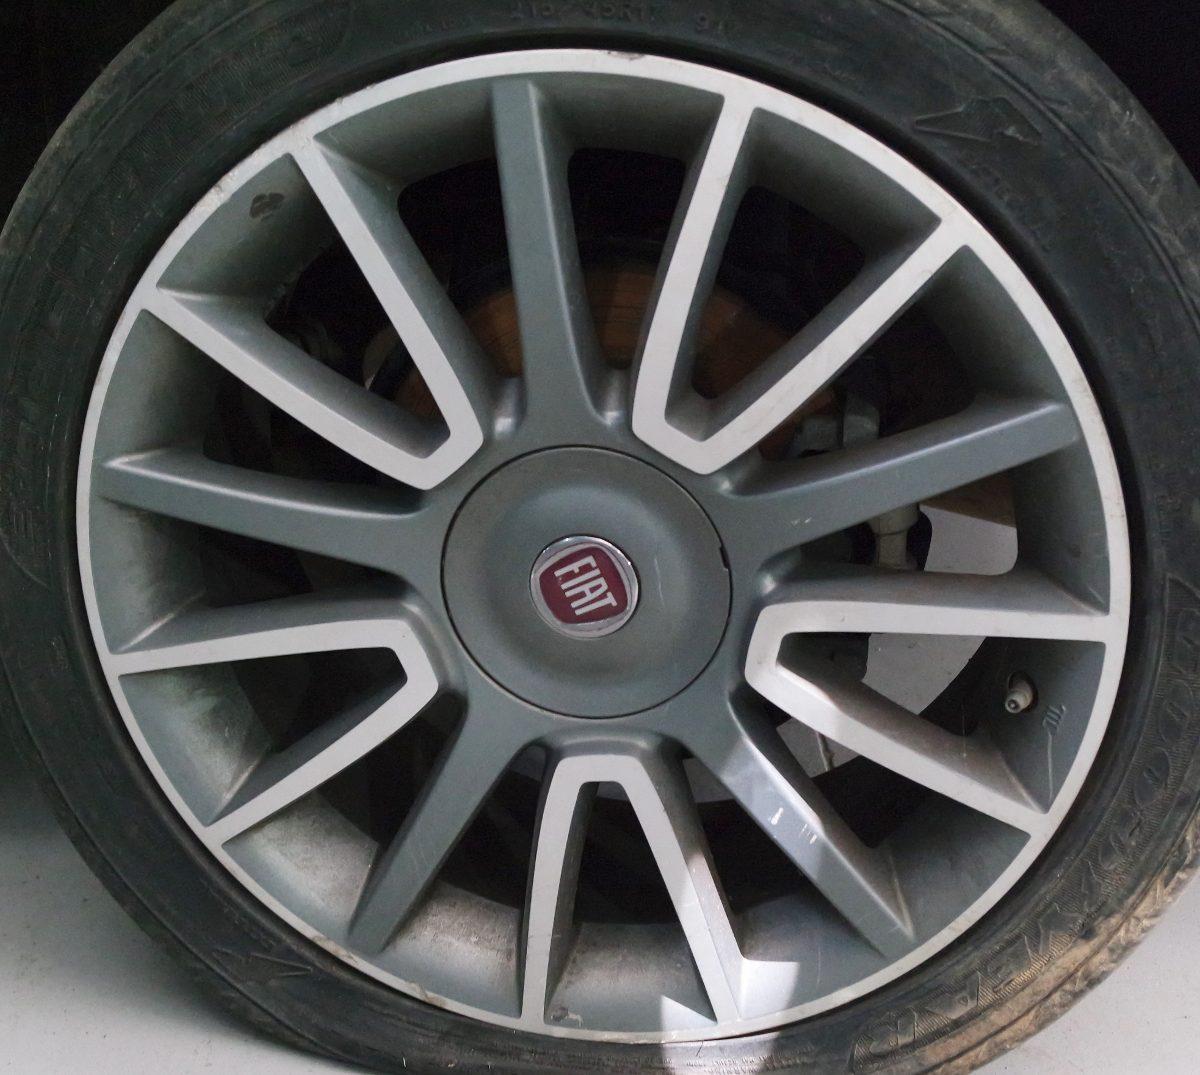 jogo de rodas fiat bravo punto palio linea aro 17 s pneus r em mercado livre. Black Bedroom Furniture Sets. Home Design Ideas